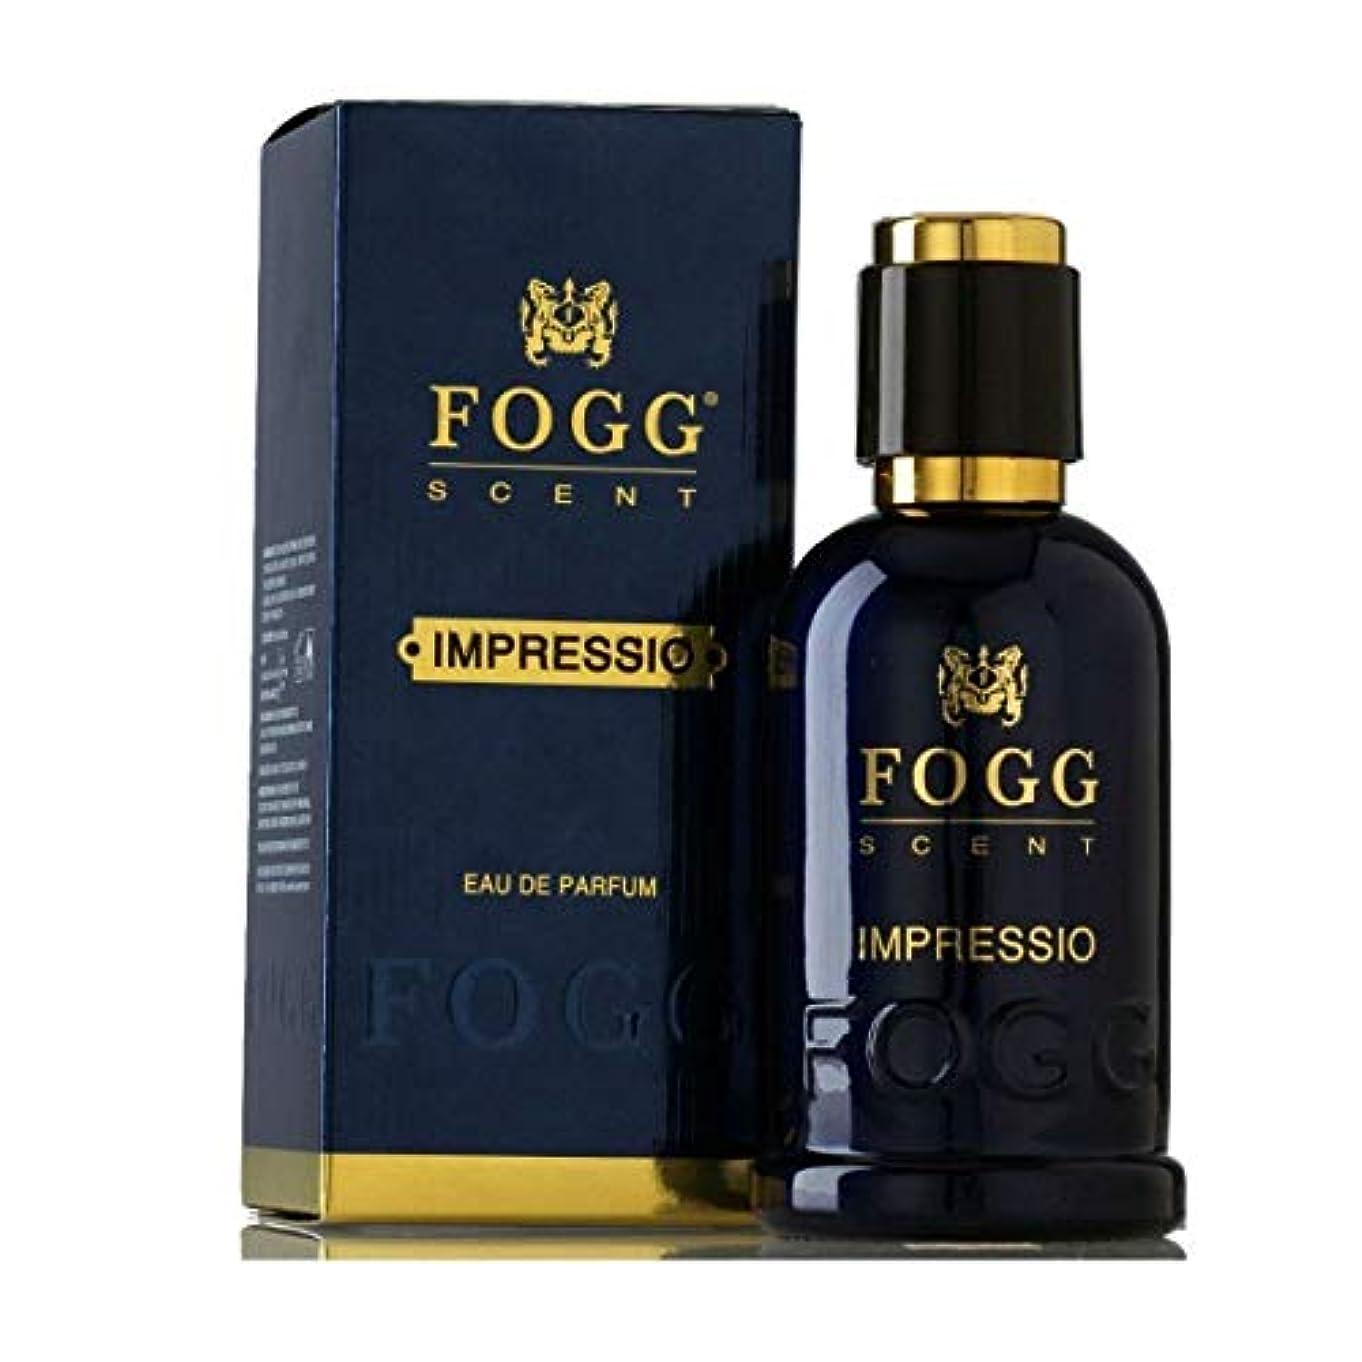 延ばす乱暴な路地Fogg Impressio Scent for Men, 100ml